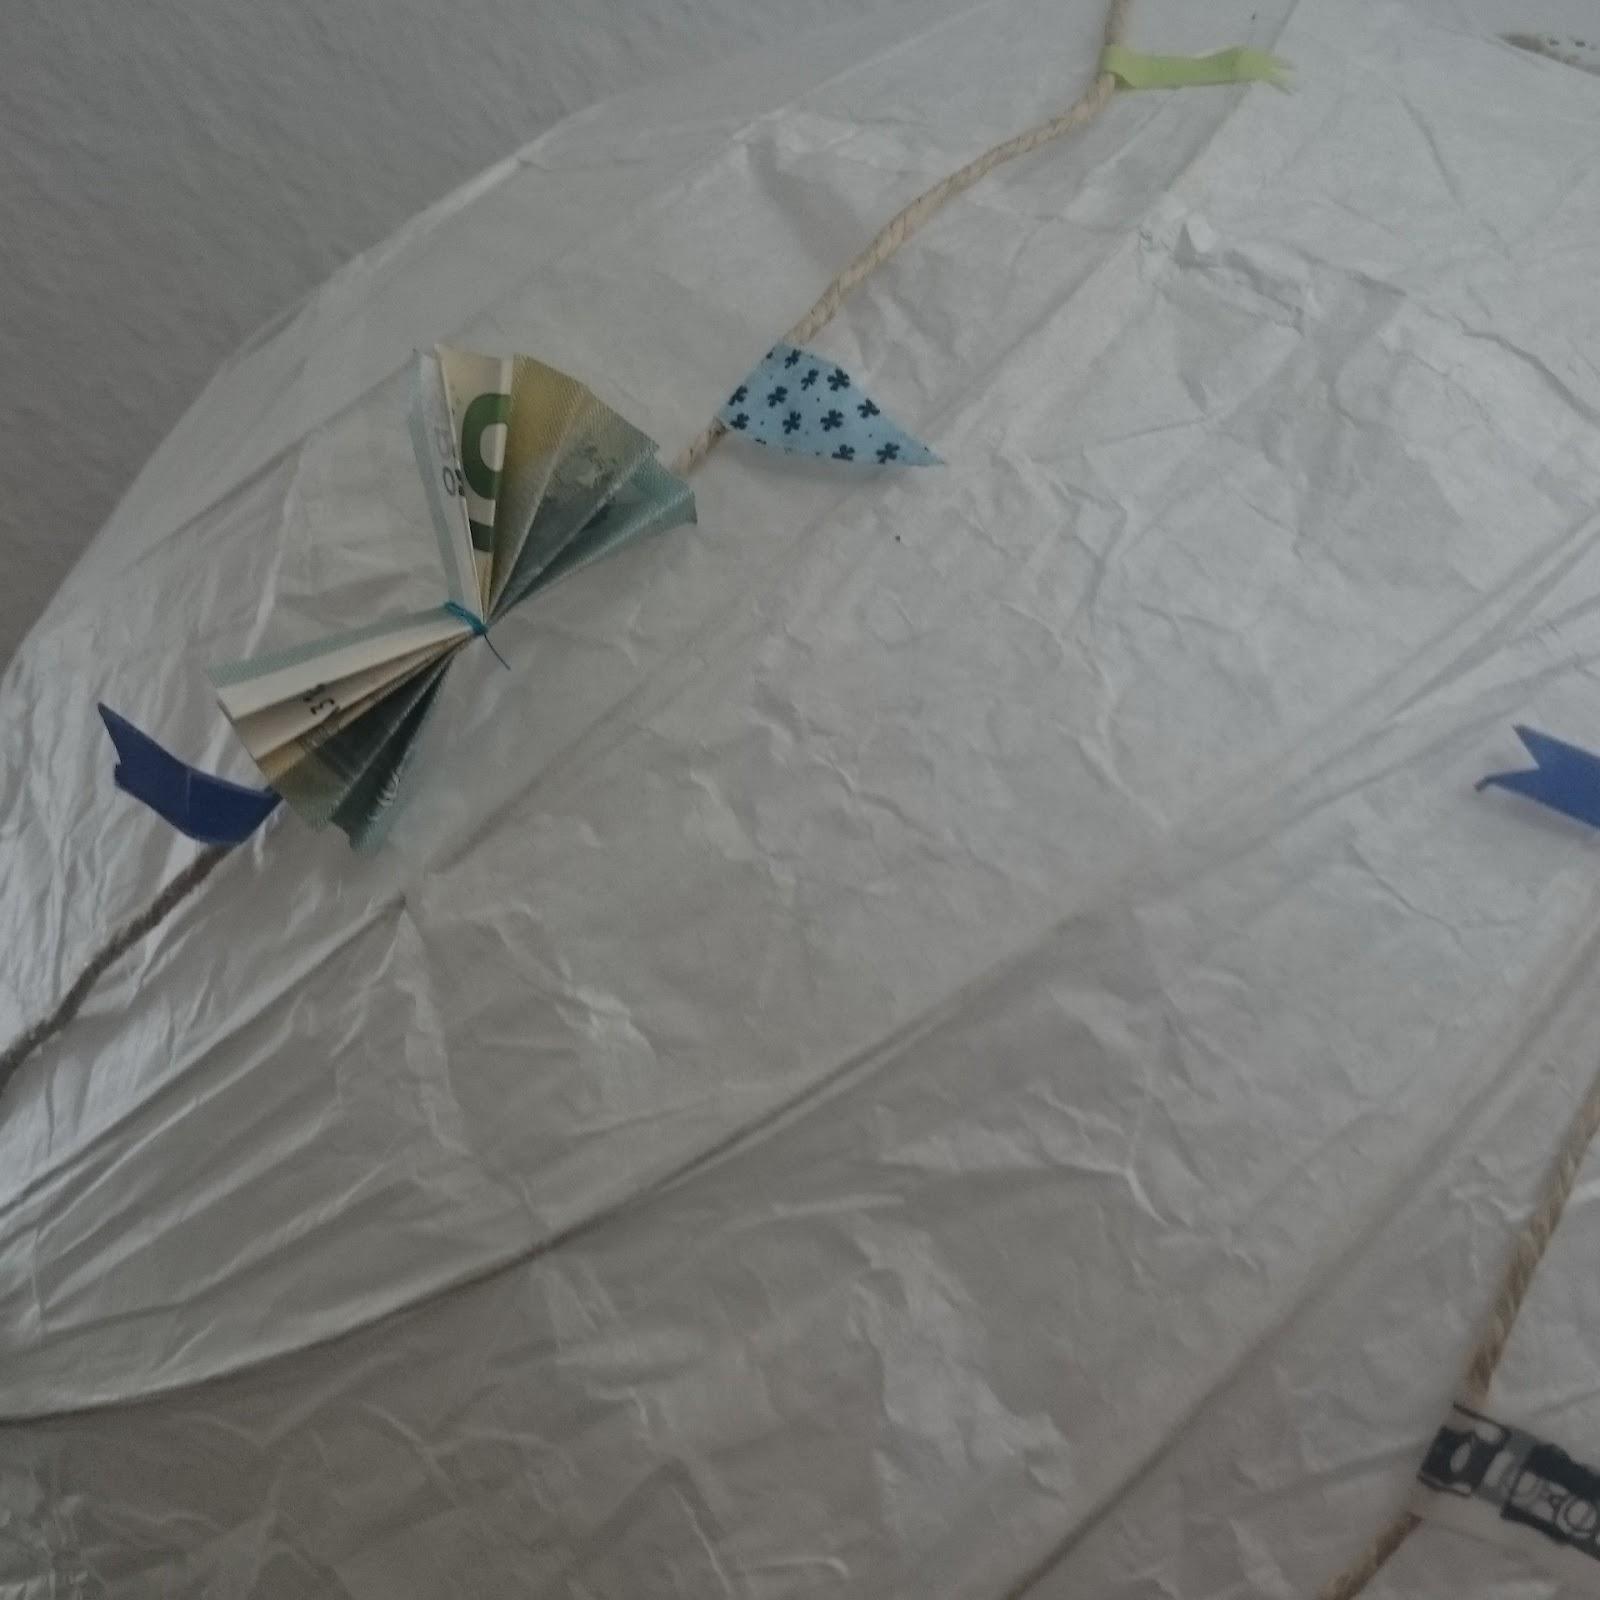 lucciola diy wedding hot air balloon gift of money